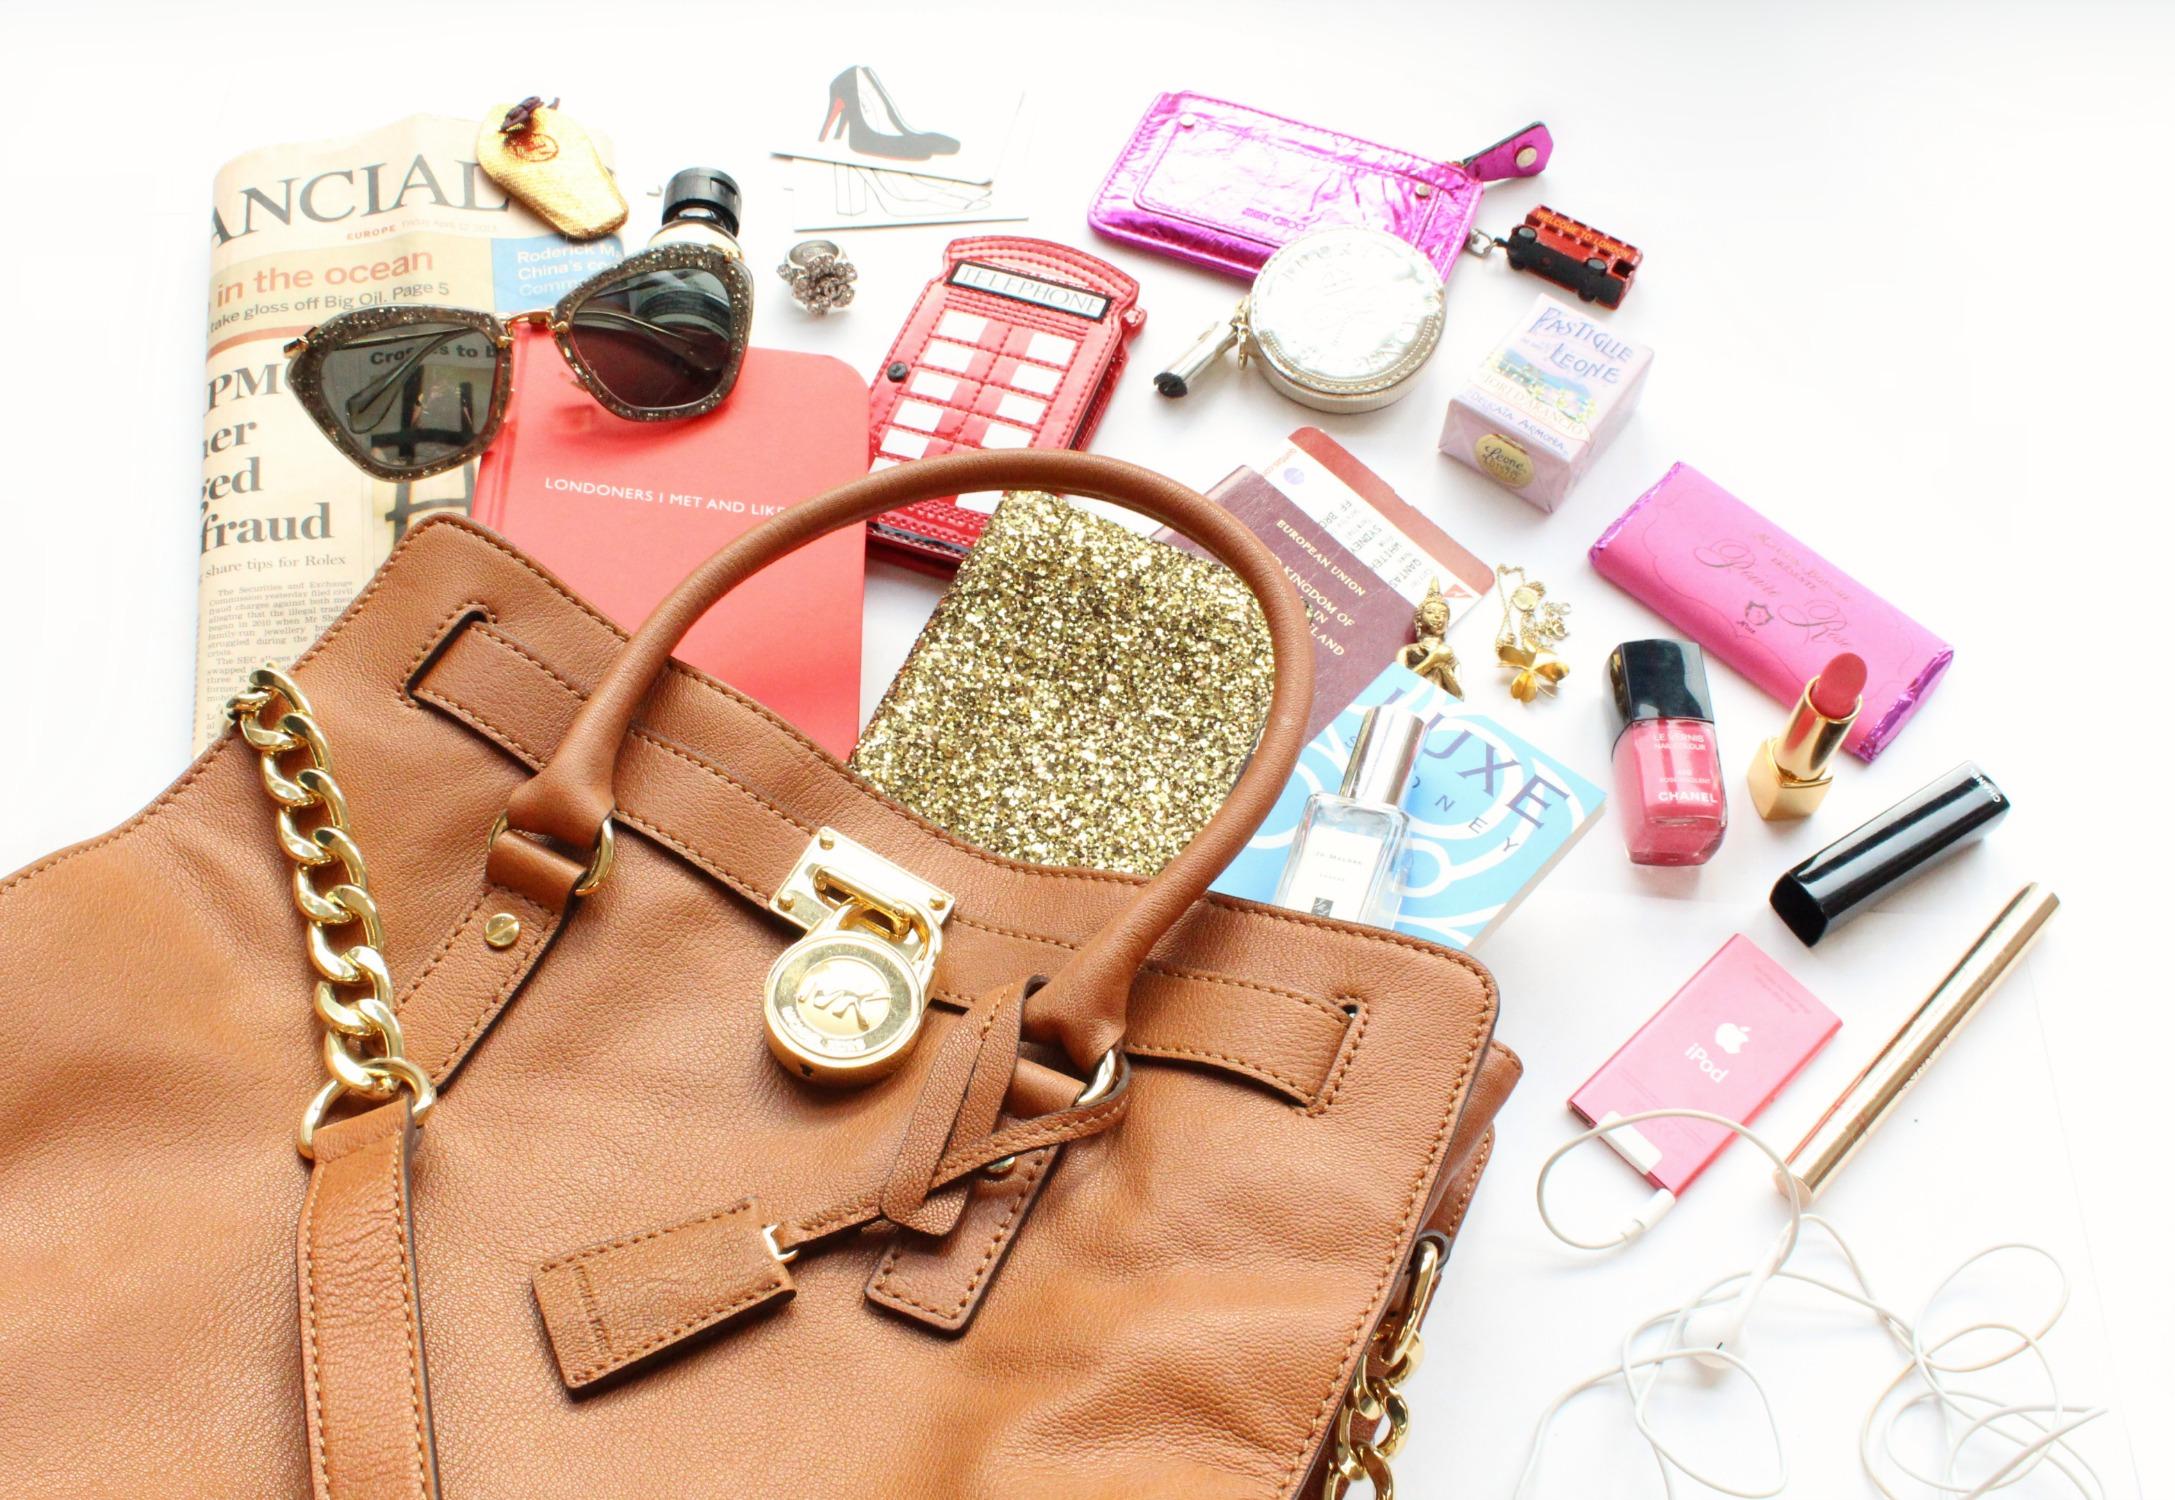 In girl's handbag photo